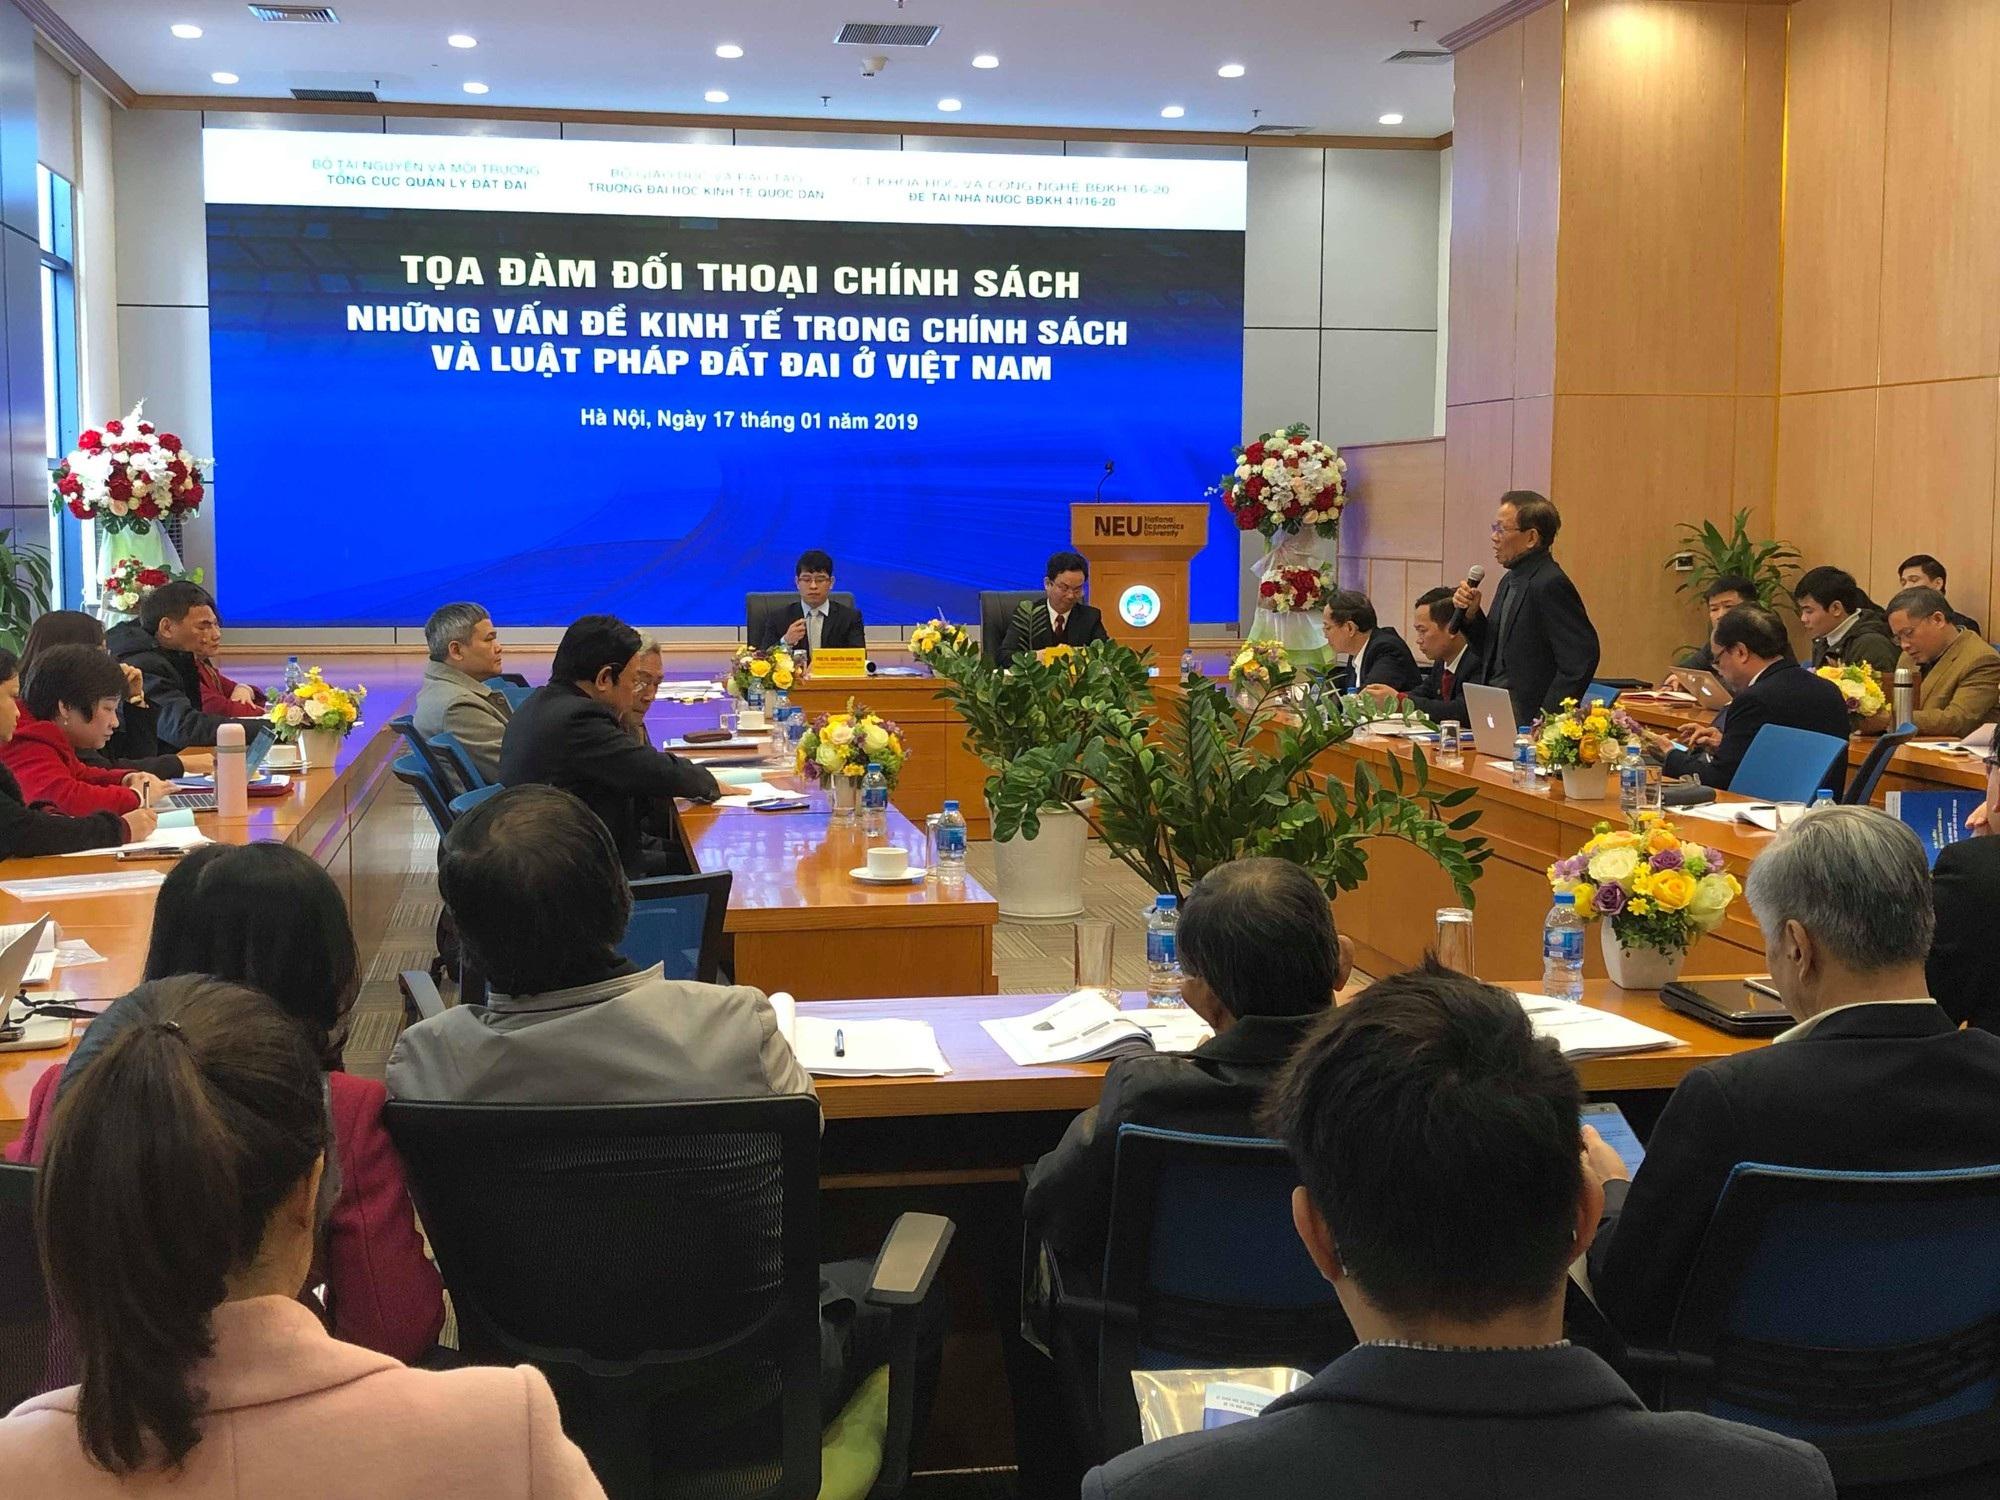 Thị trường đất đai tại Việt Nam vẫn dùng thủ thuật để tăng giá trị - Ảnh 1.